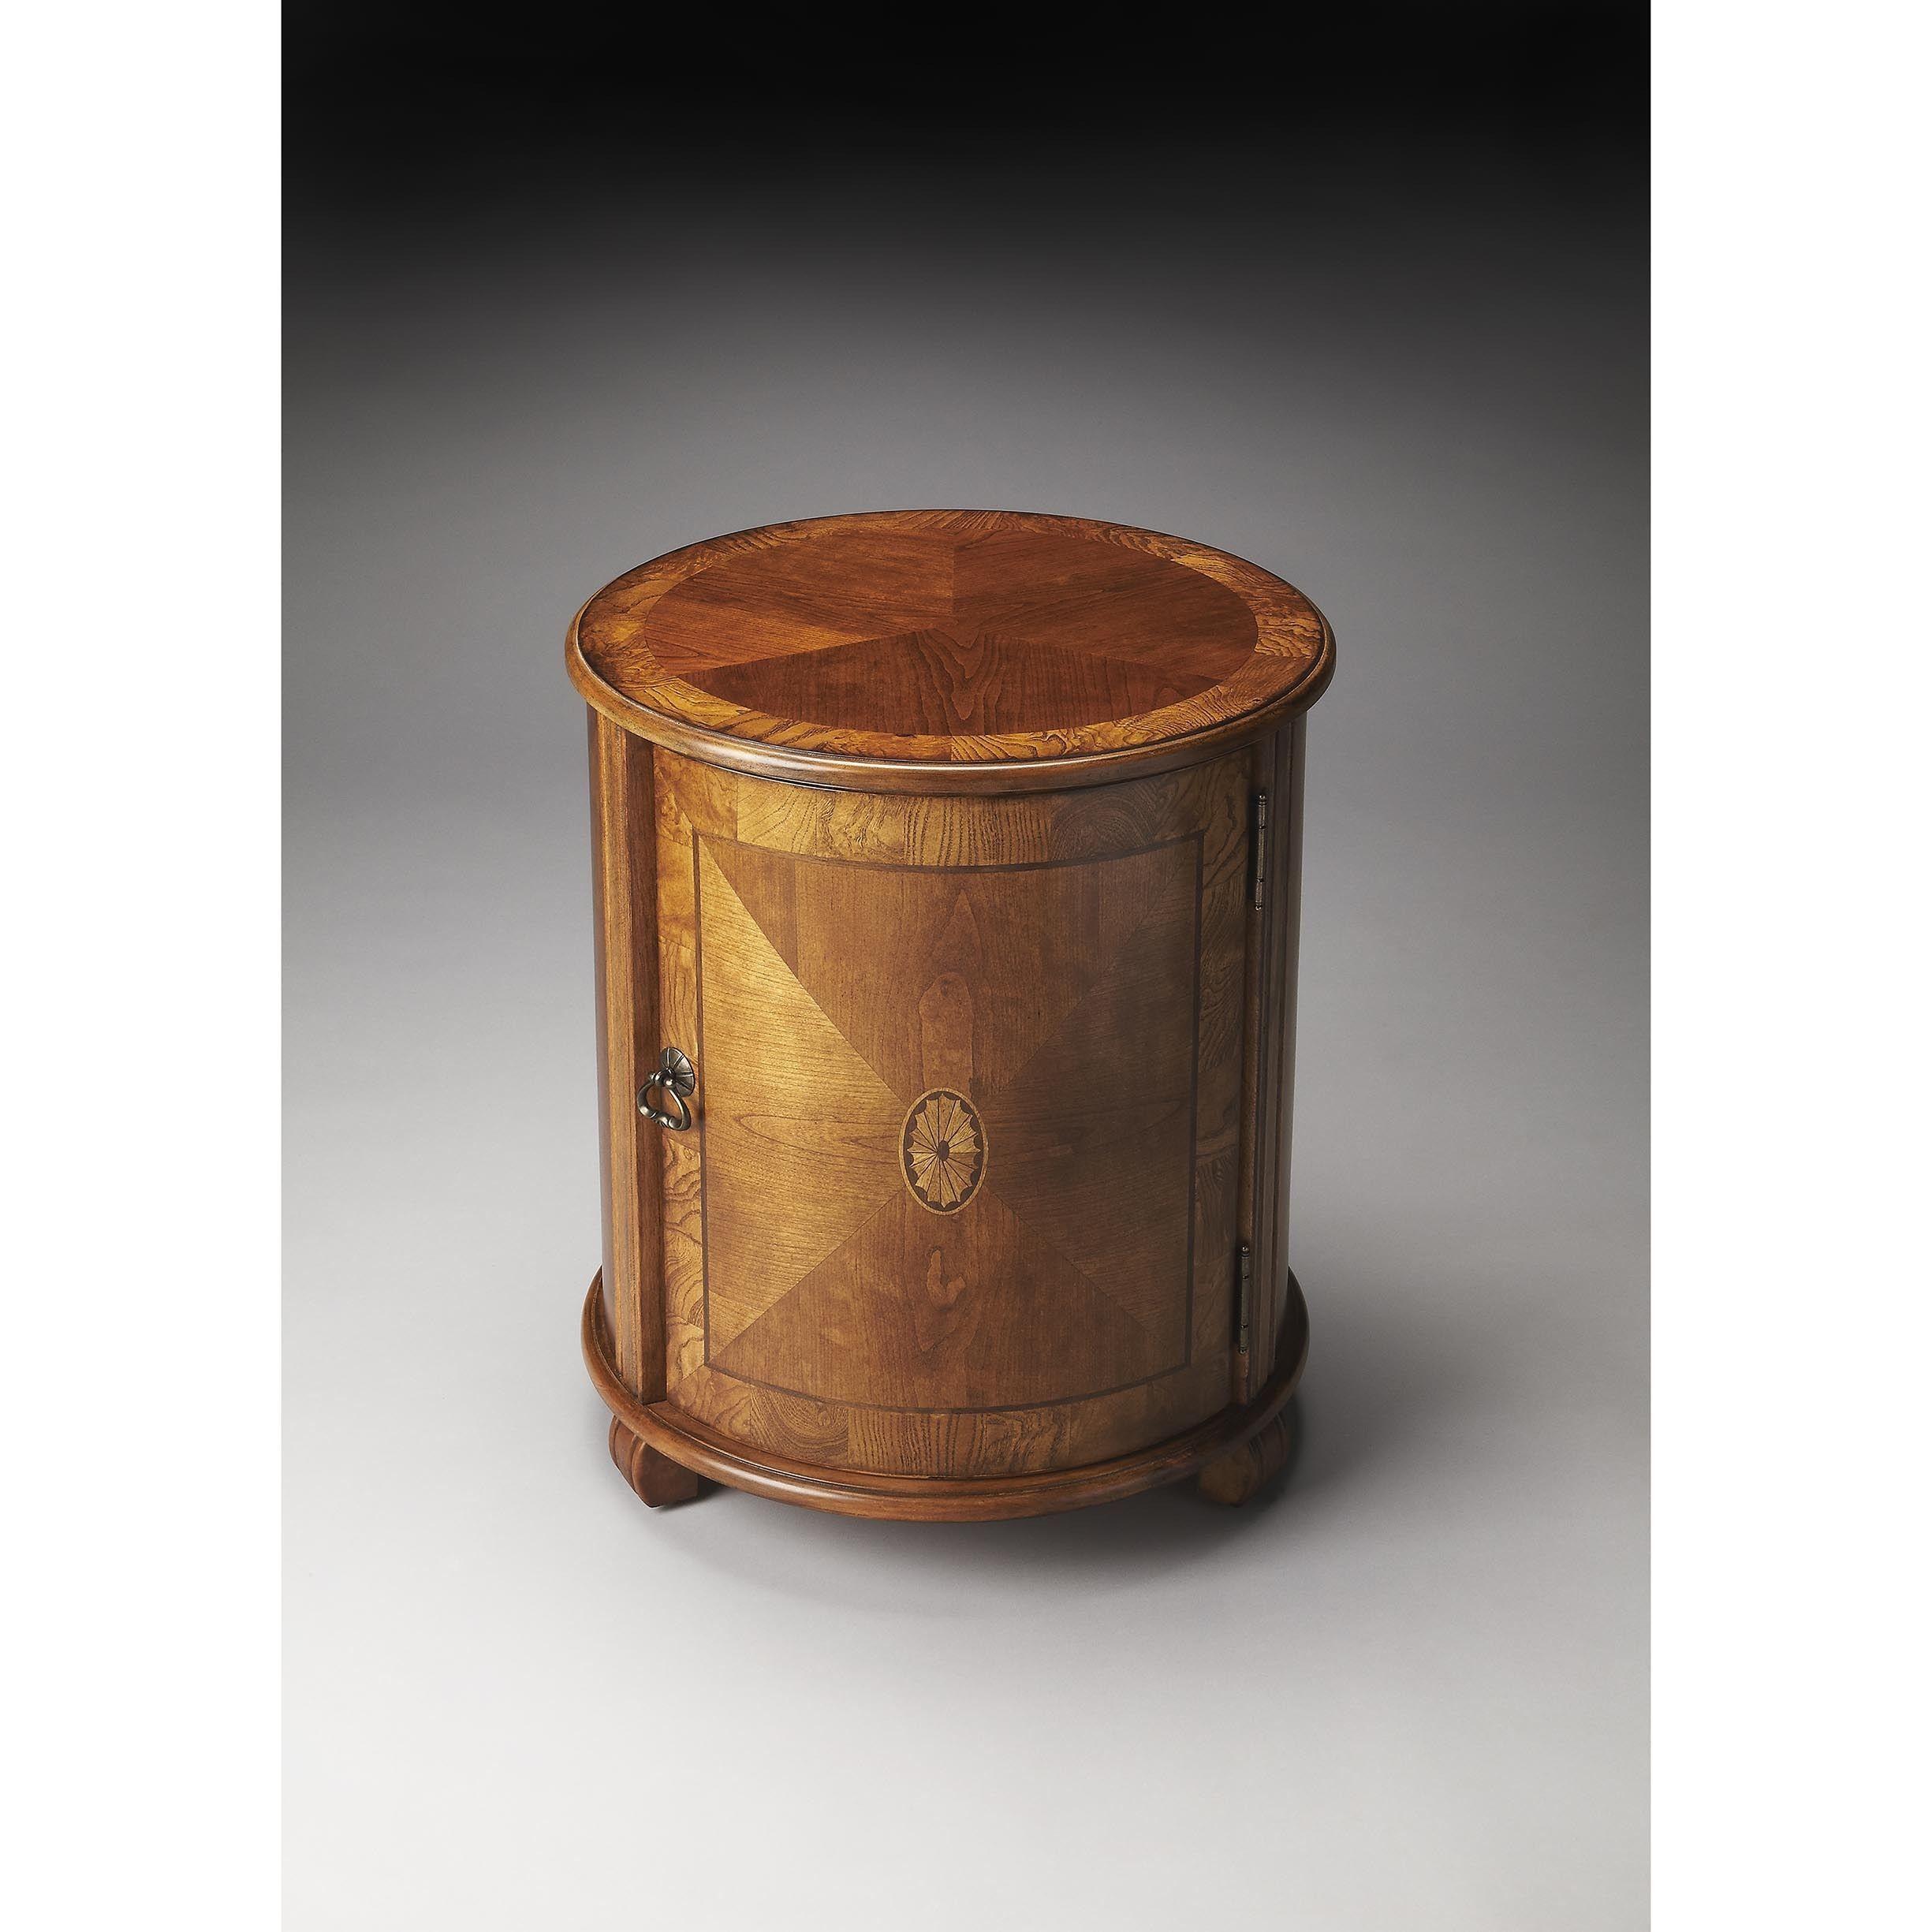 Butler lawrie brown wood veneer mdf olive ash burl drum table medium brown